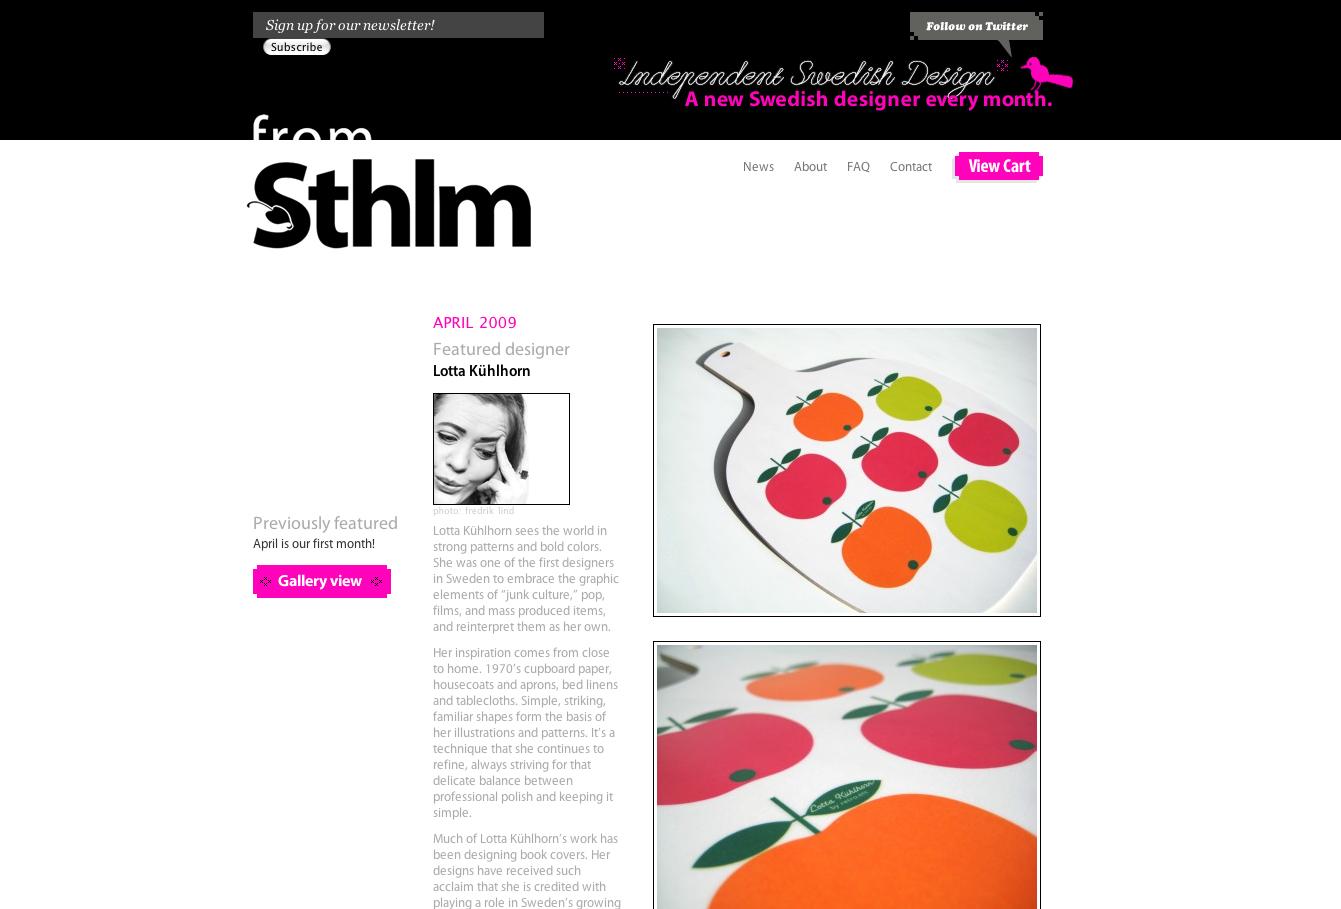 from Sthlm website